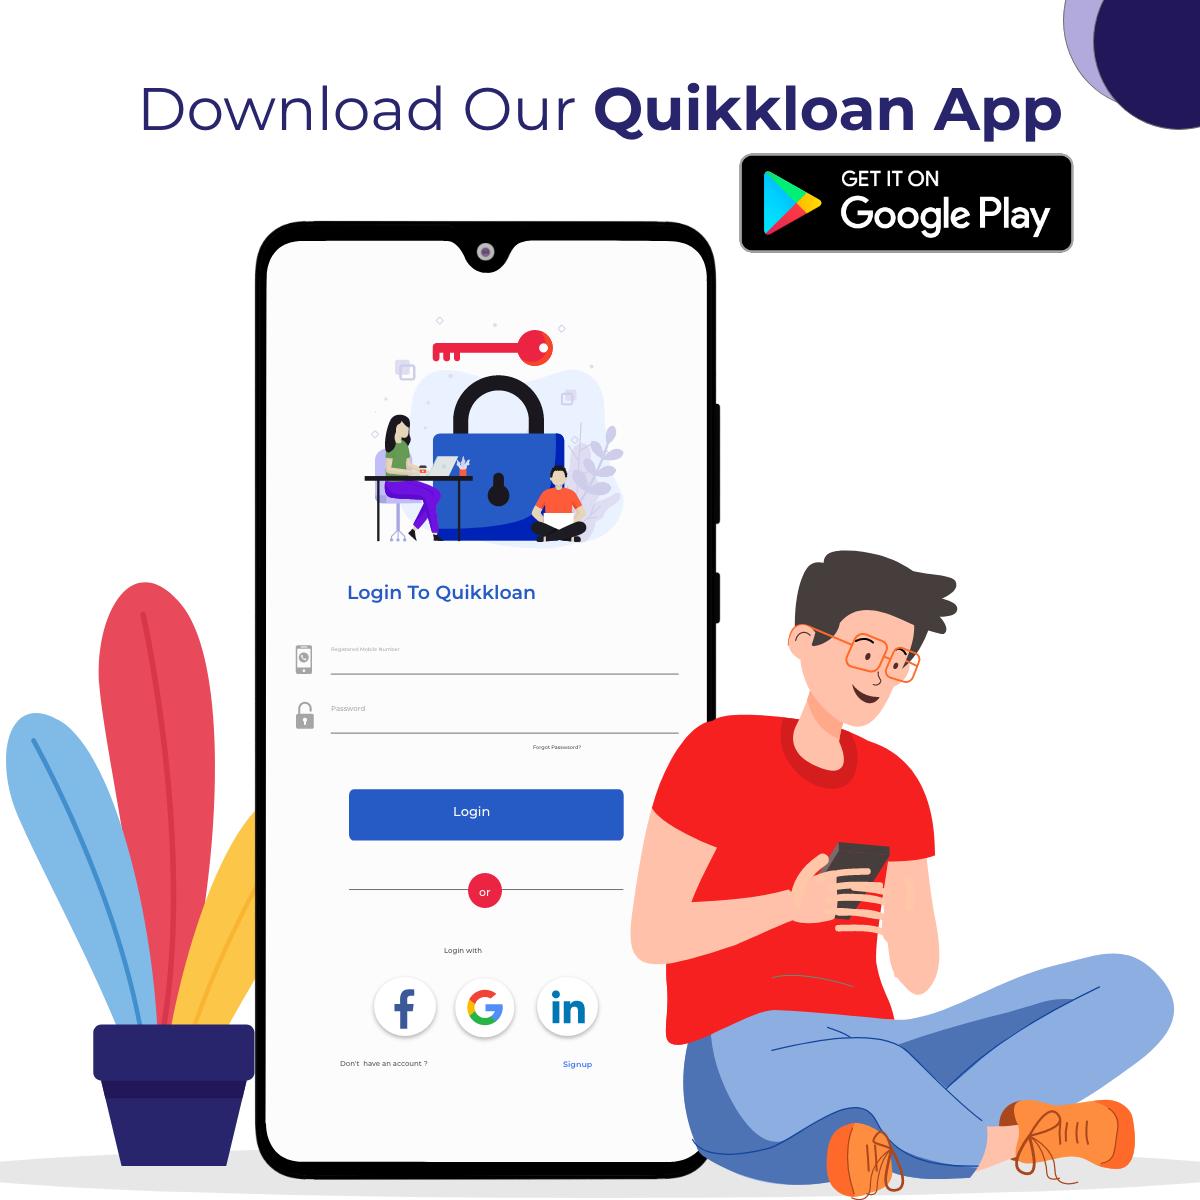 quikkloan App